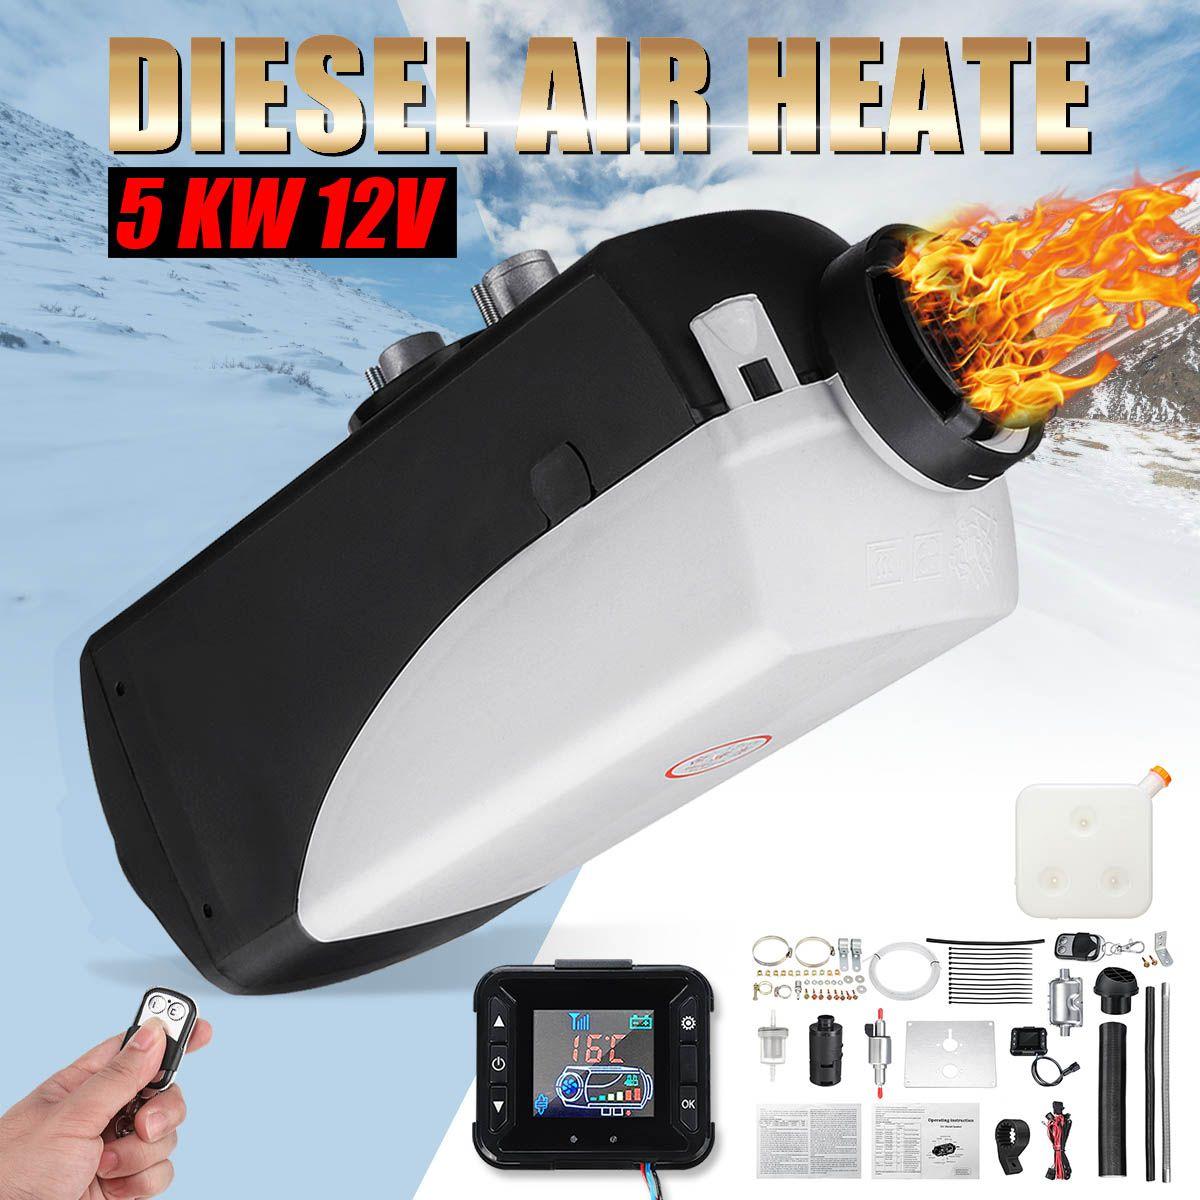 Auto Heizung 5KW 12 V Air Diesel Heizung Standheizung Mit Fernbedienung LCD Monitor für RV Wohnmobil Anhänger Lkw boote